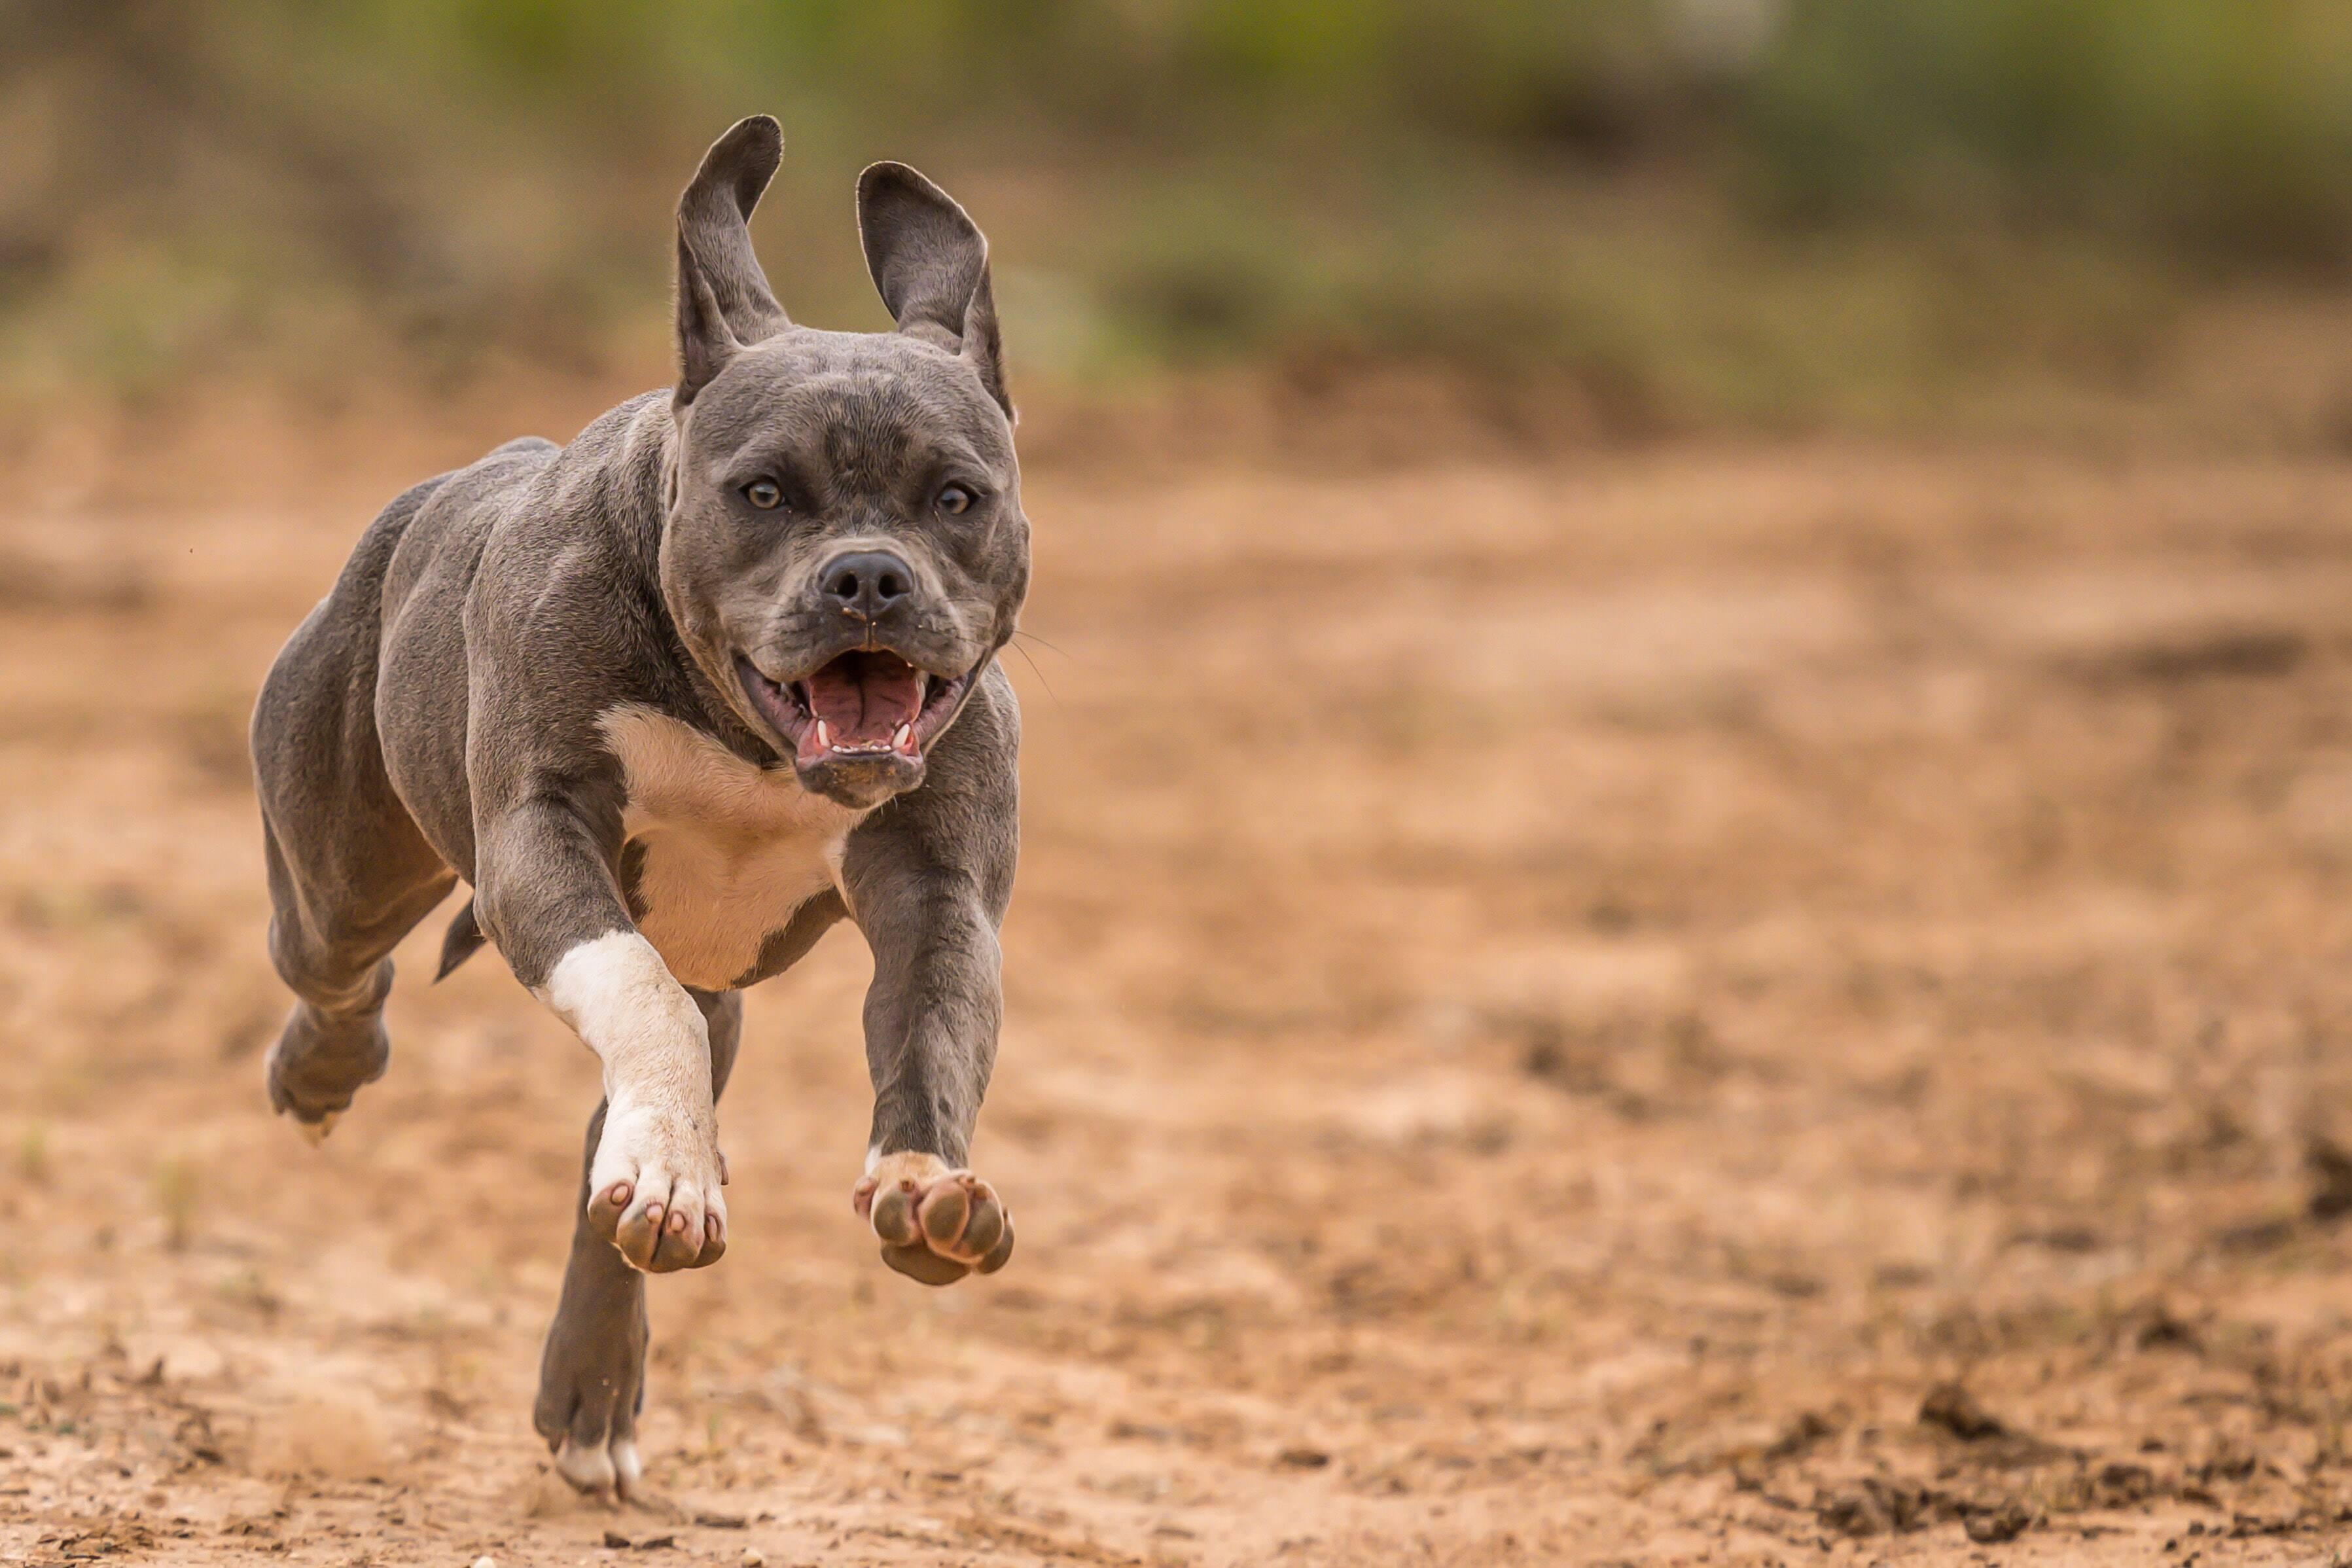 Os pitbulls são predispostos à uma série de doenças devido a sua genética. Foto: Unsplash/Duncan Sanchez